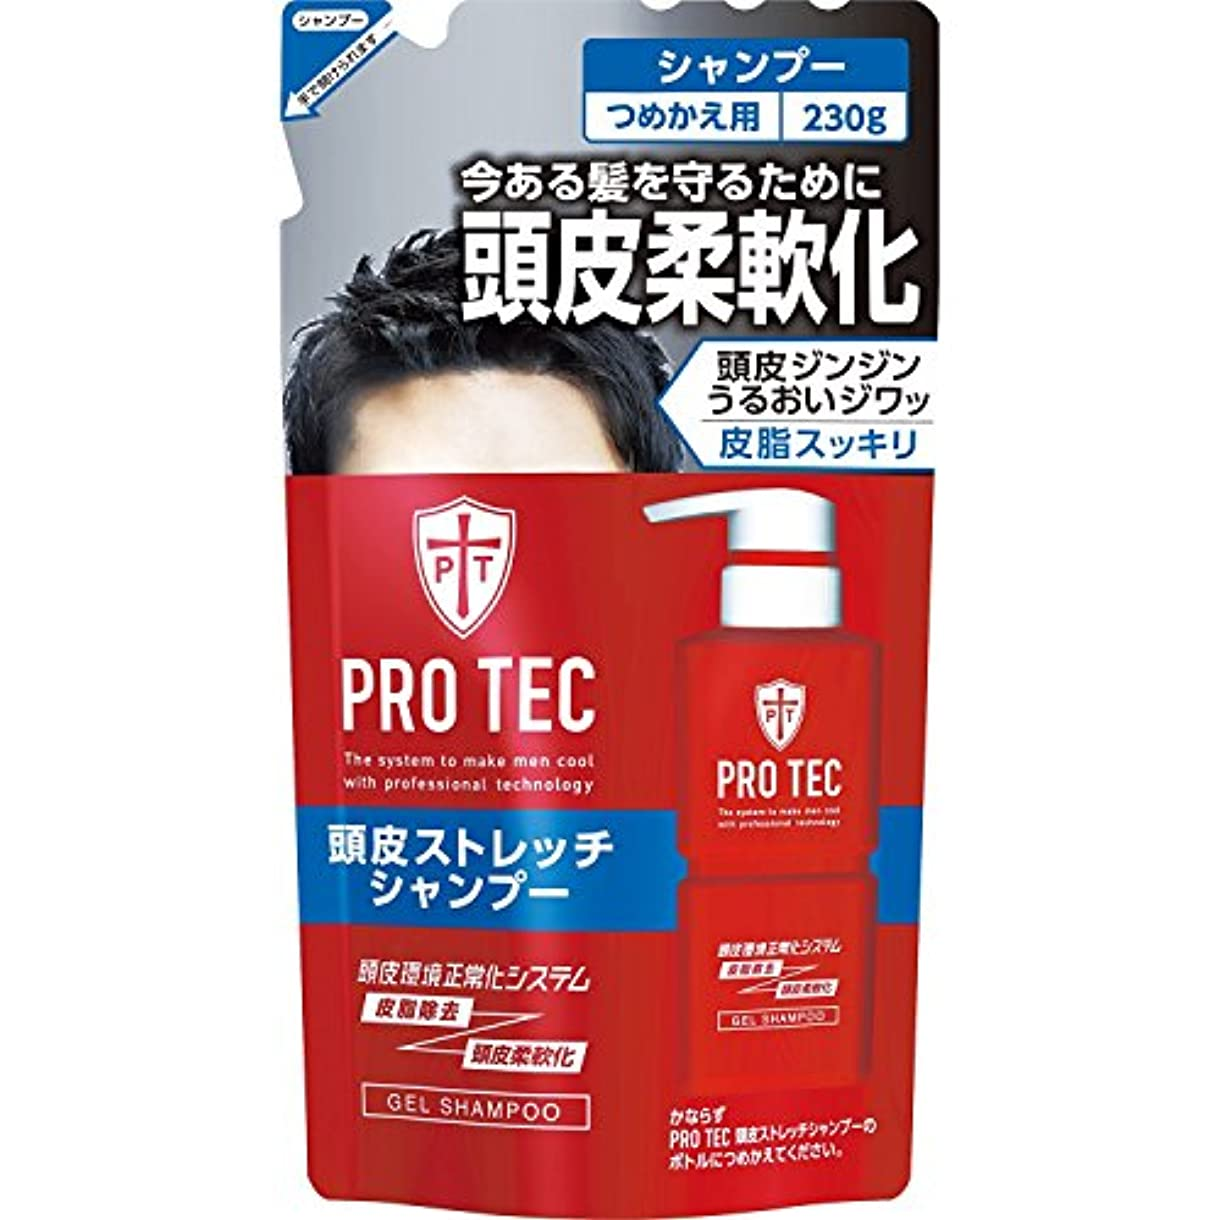 ジェット定期的に登録PRO TEC(プロテク) 頭皮ストレッチシャンプー つめかえ用 230g (医薬部外品) ×10個セット